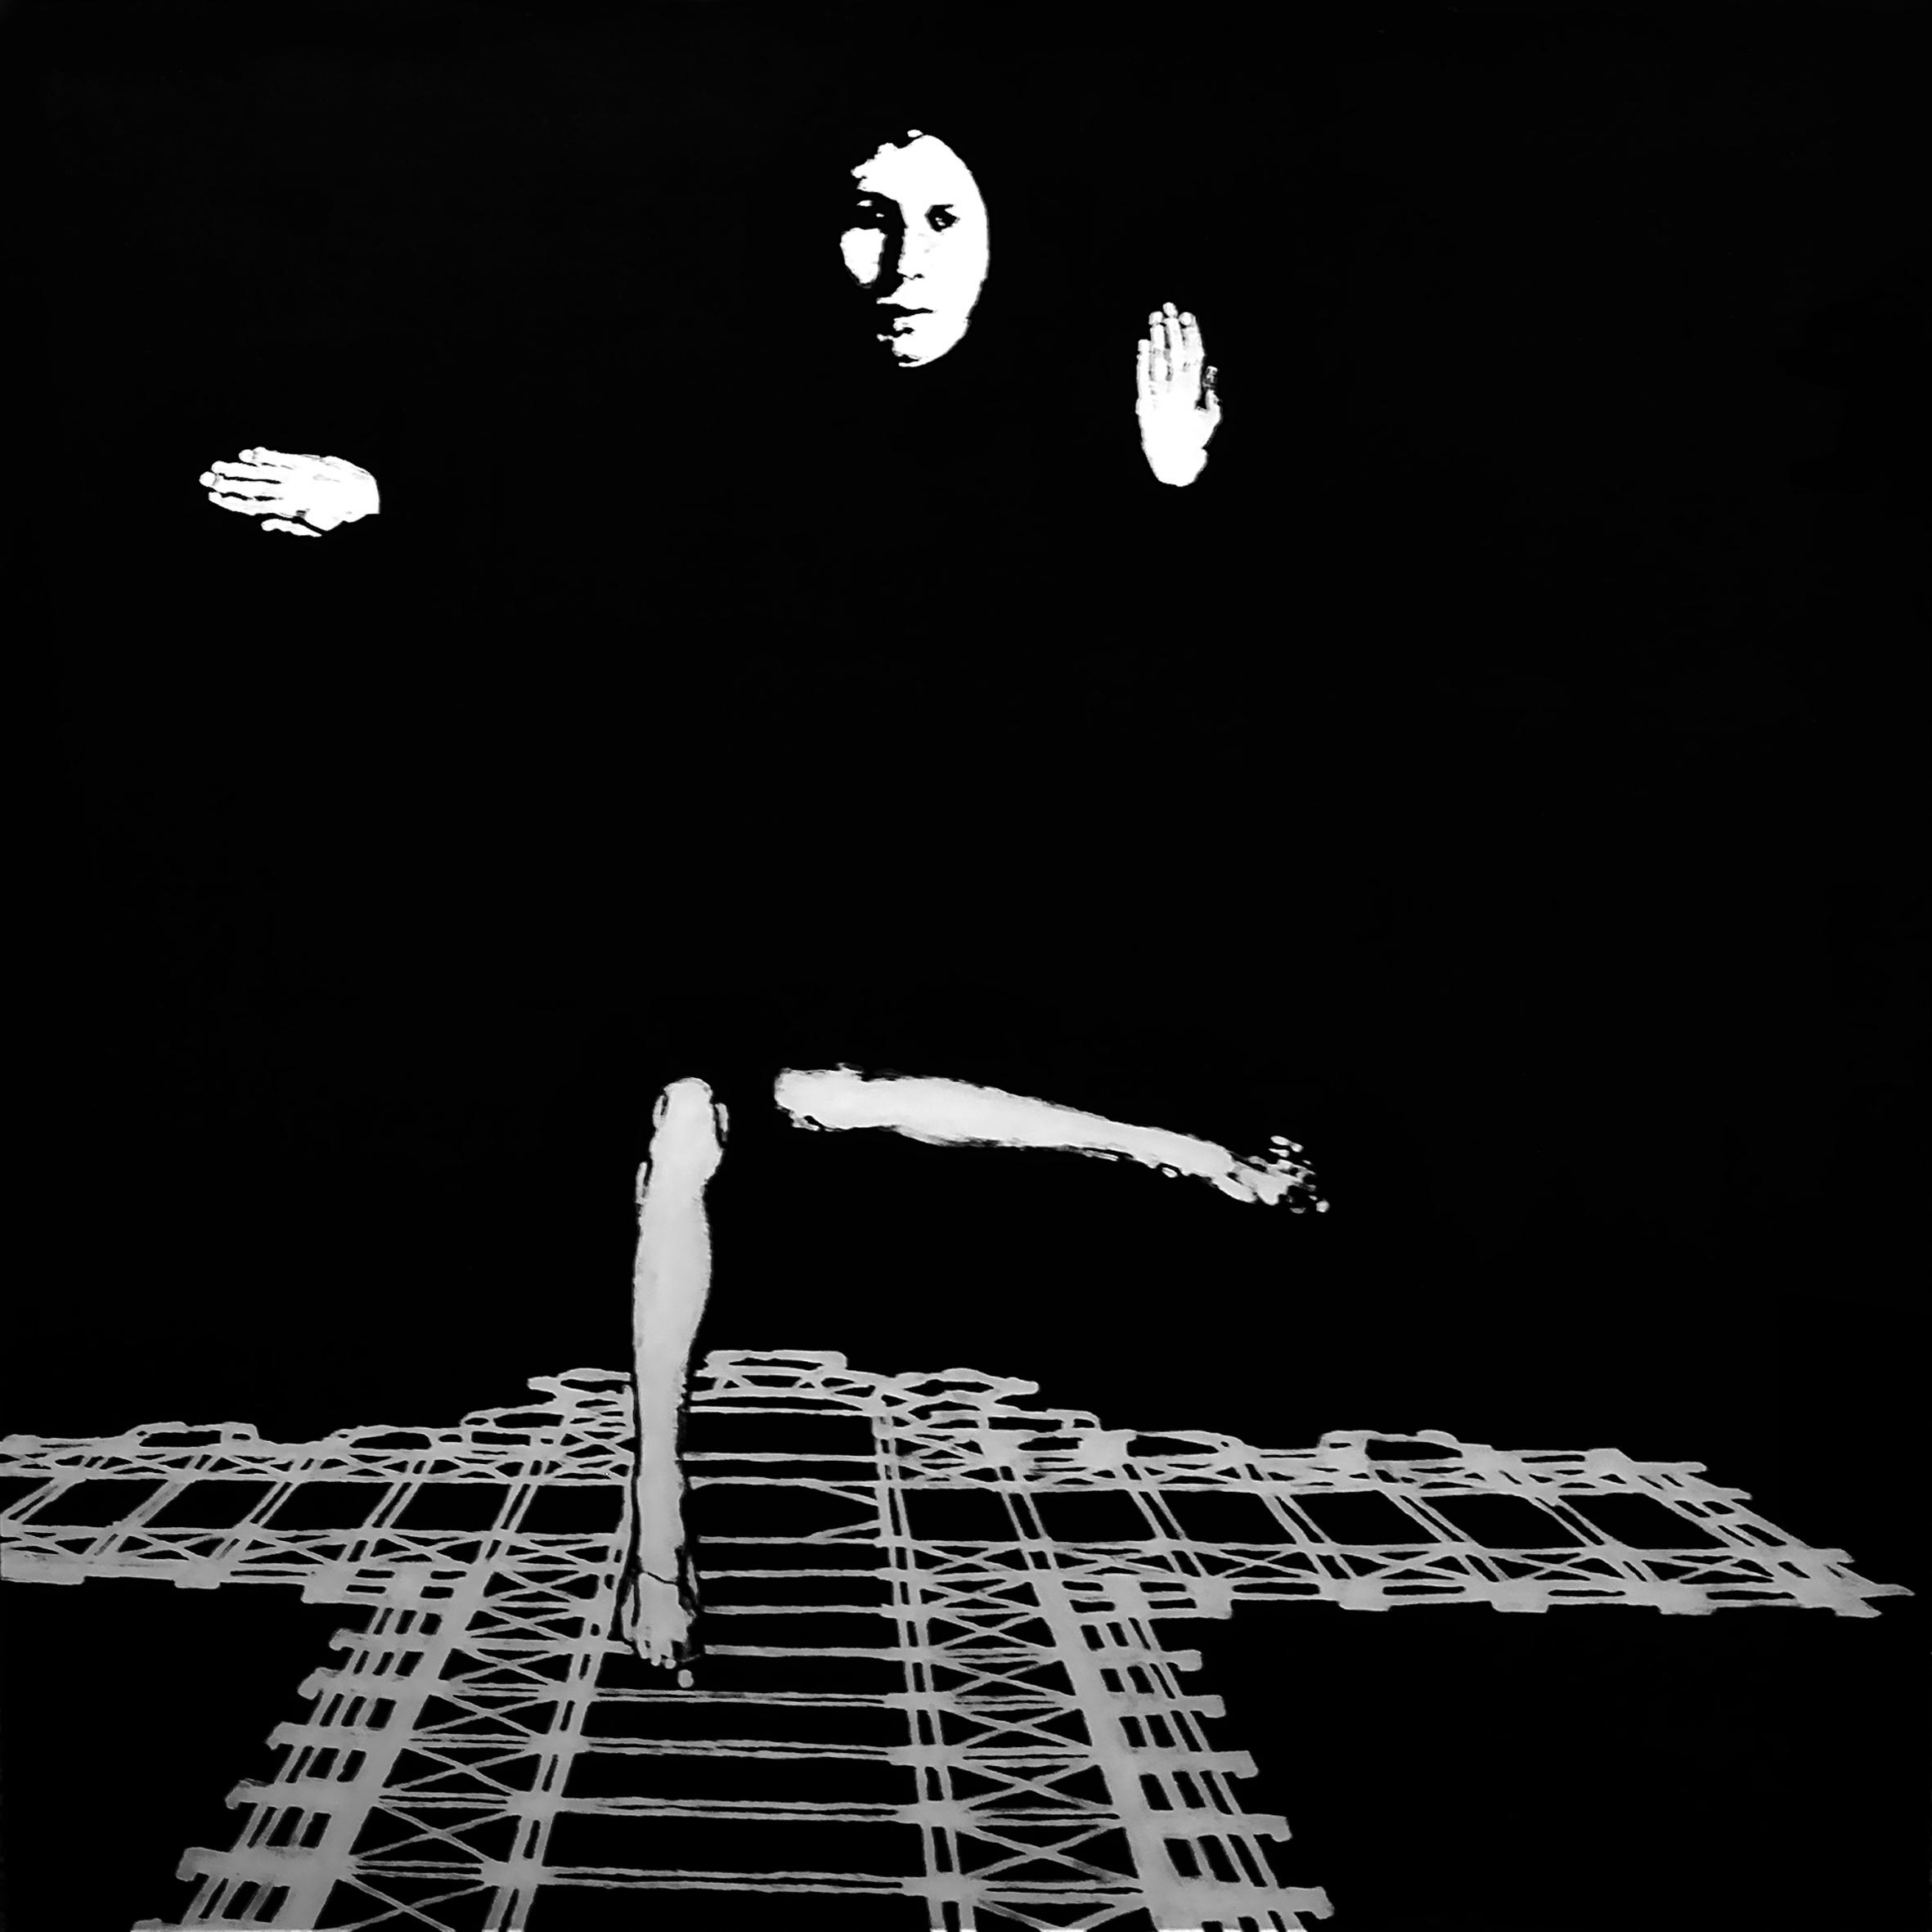 Corpus Christi / corpus delicti, 100 x 100, acrylique sur plexiglas, 2011